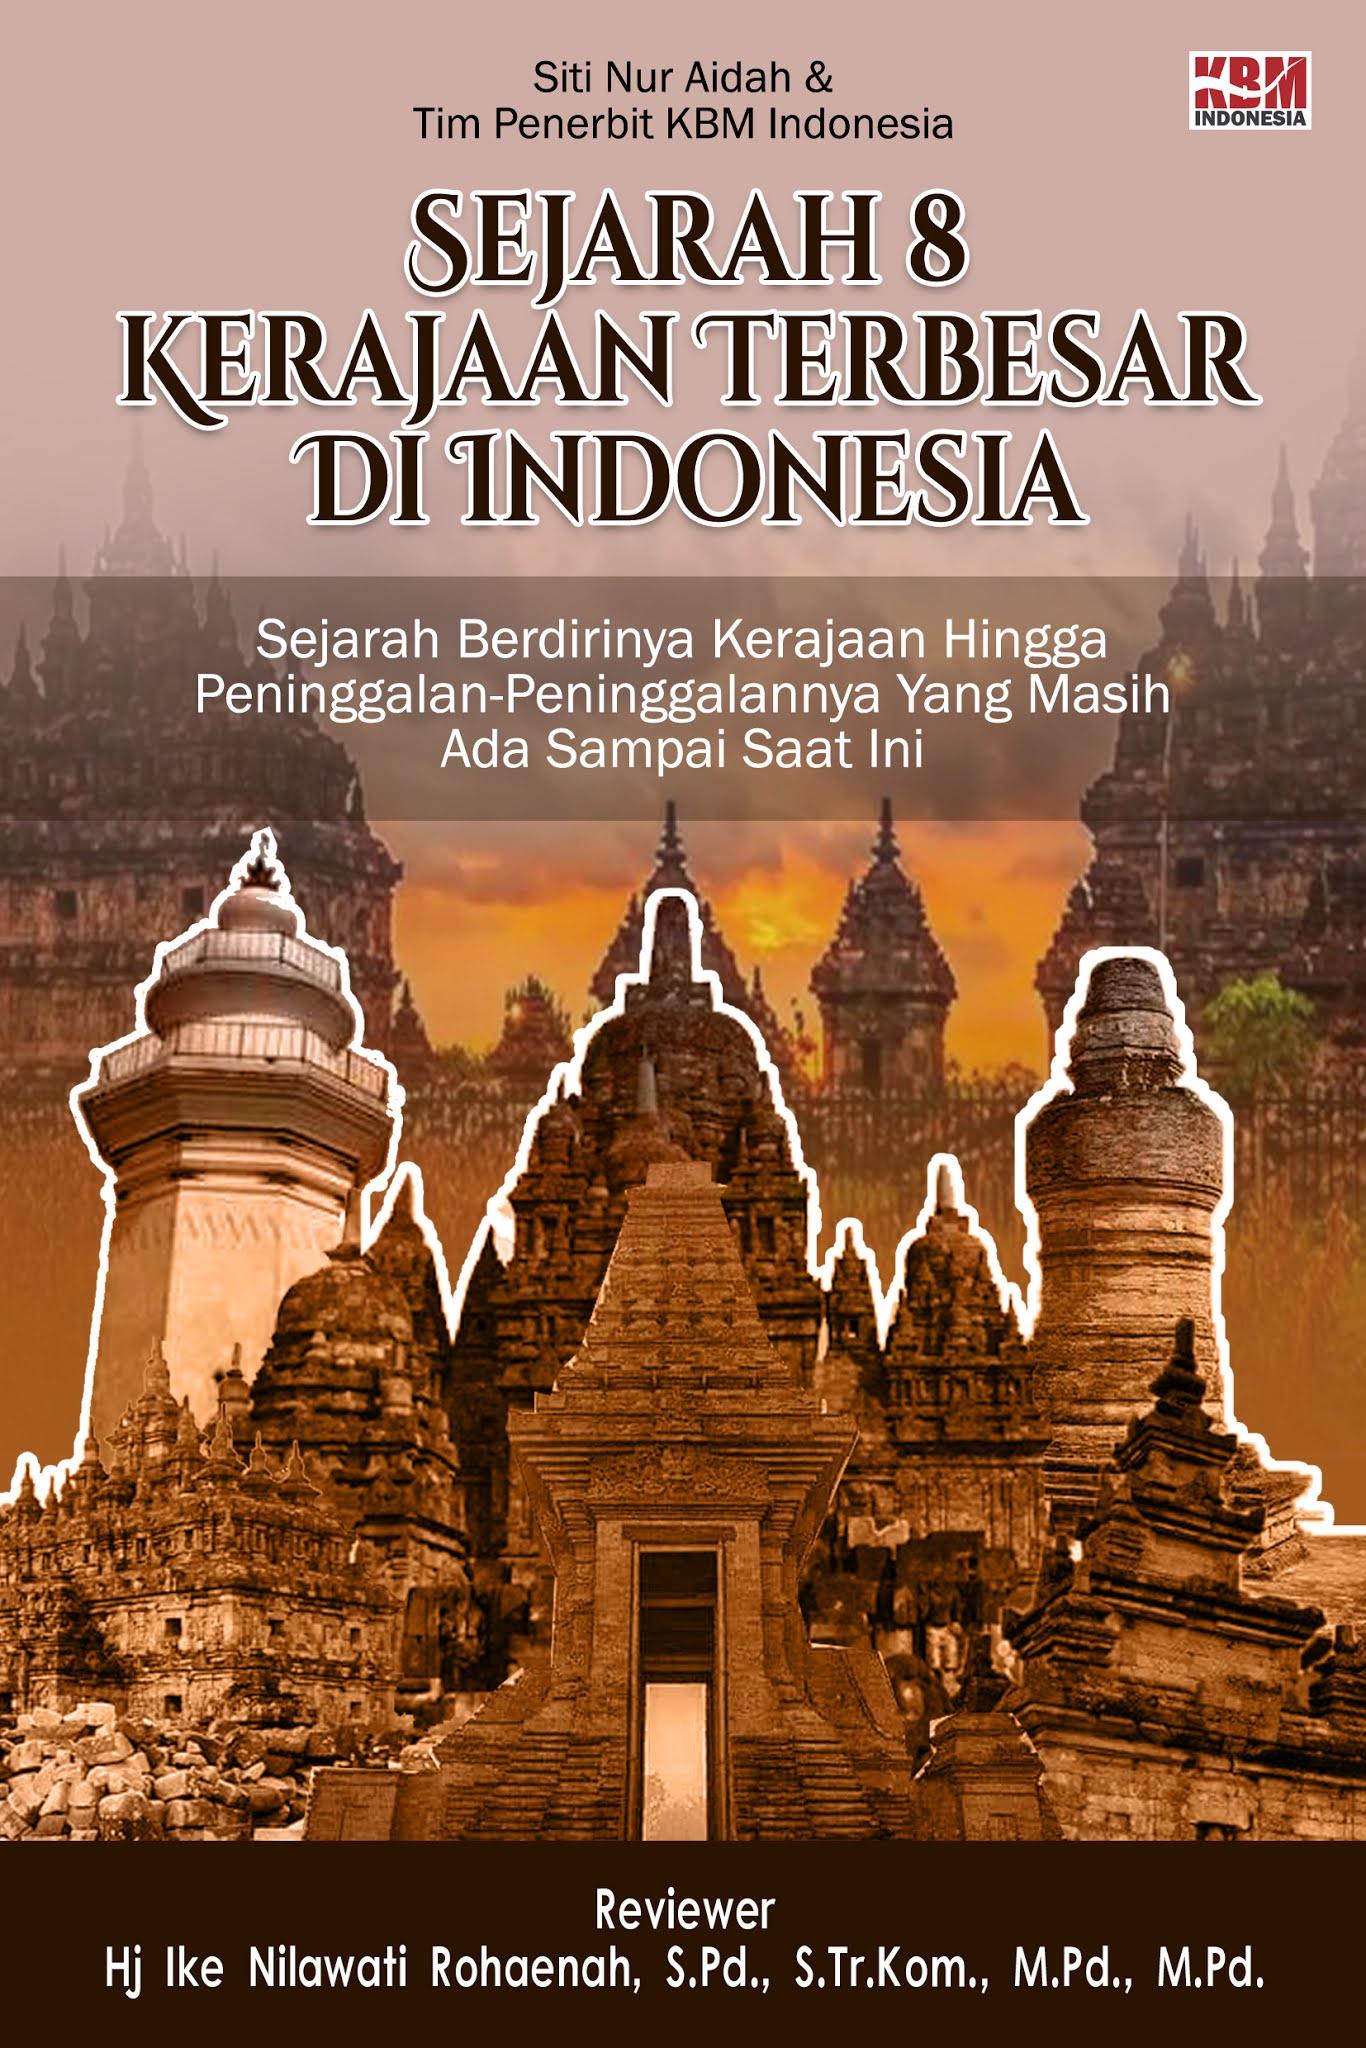 SEJARAH 8 KERAJAAN TERBESAR DI INDONESIA